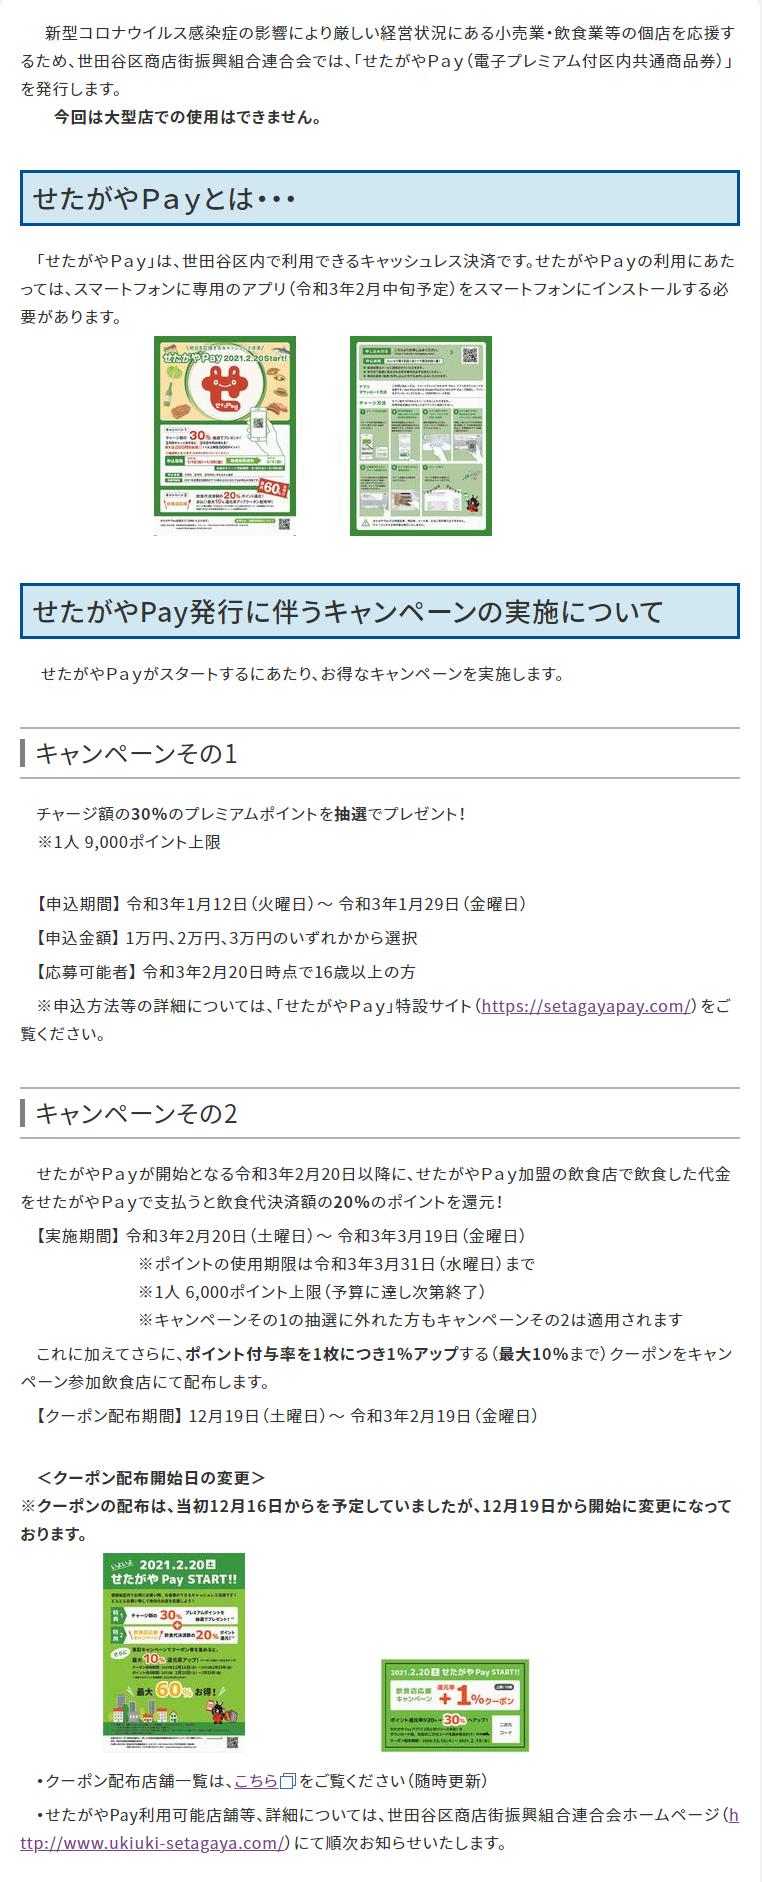 世田谷区による「せたがやPay」の告知。加盟店で飲食した代金をせたがやPayで支払うと飲食代決済額の20%のポイントを還元するキャンペーンも開催予定(3月19日まで) 出典:世田谷区ホームページ